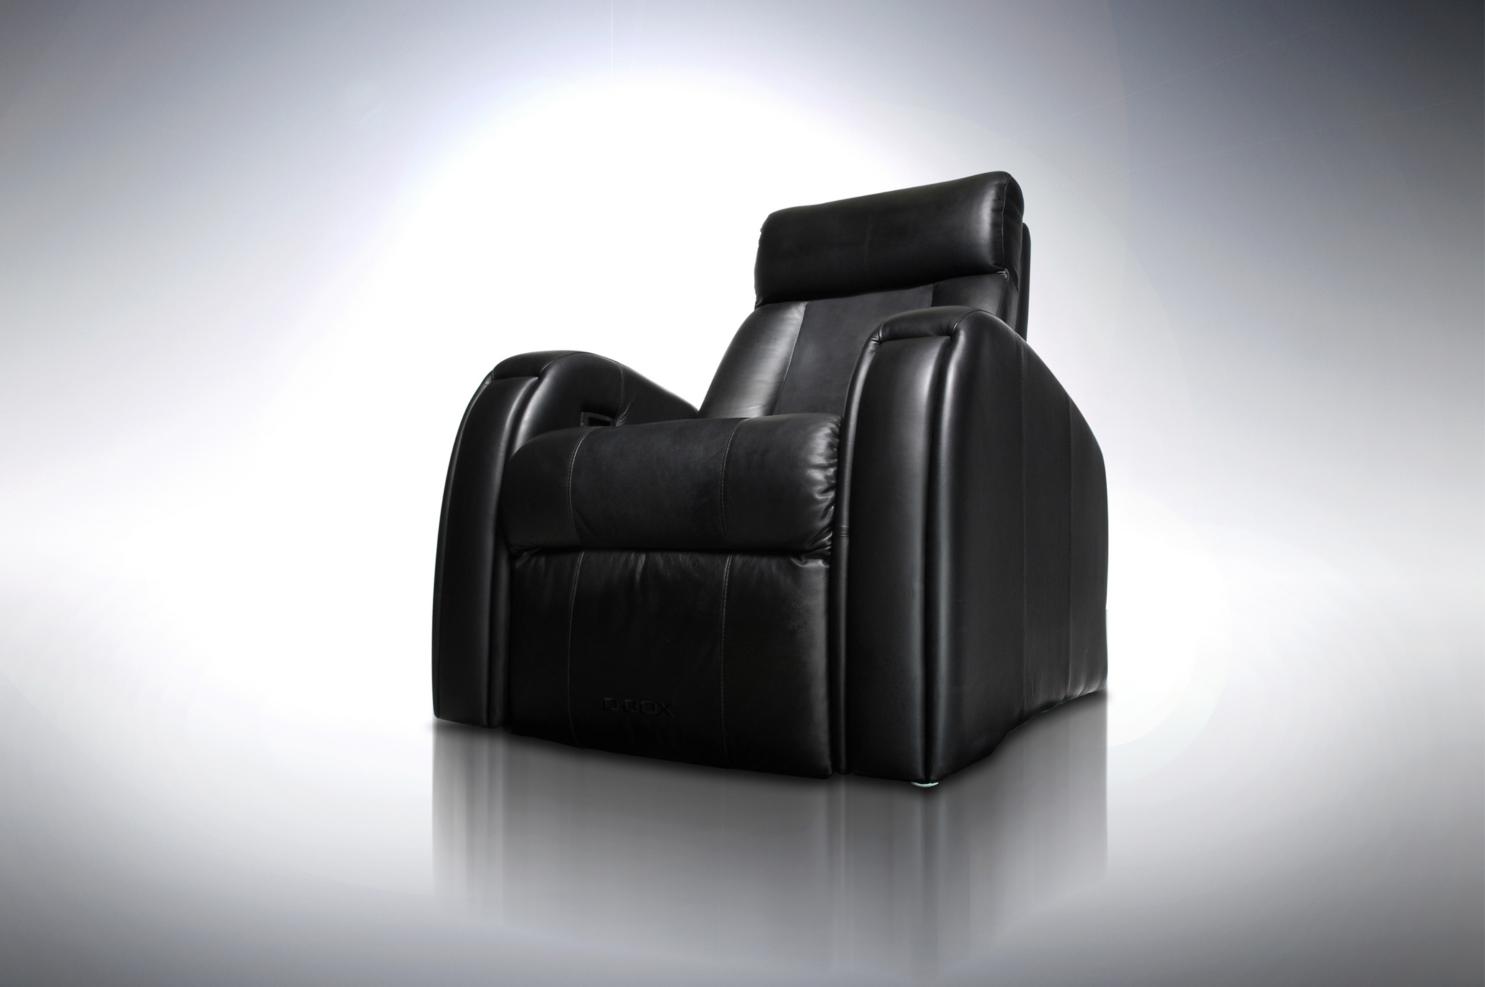 fauteuils cin ma maison jaymar 351 qu bec acoustique canada. Black Bedroom Furniture Sets. Home Design Ideas